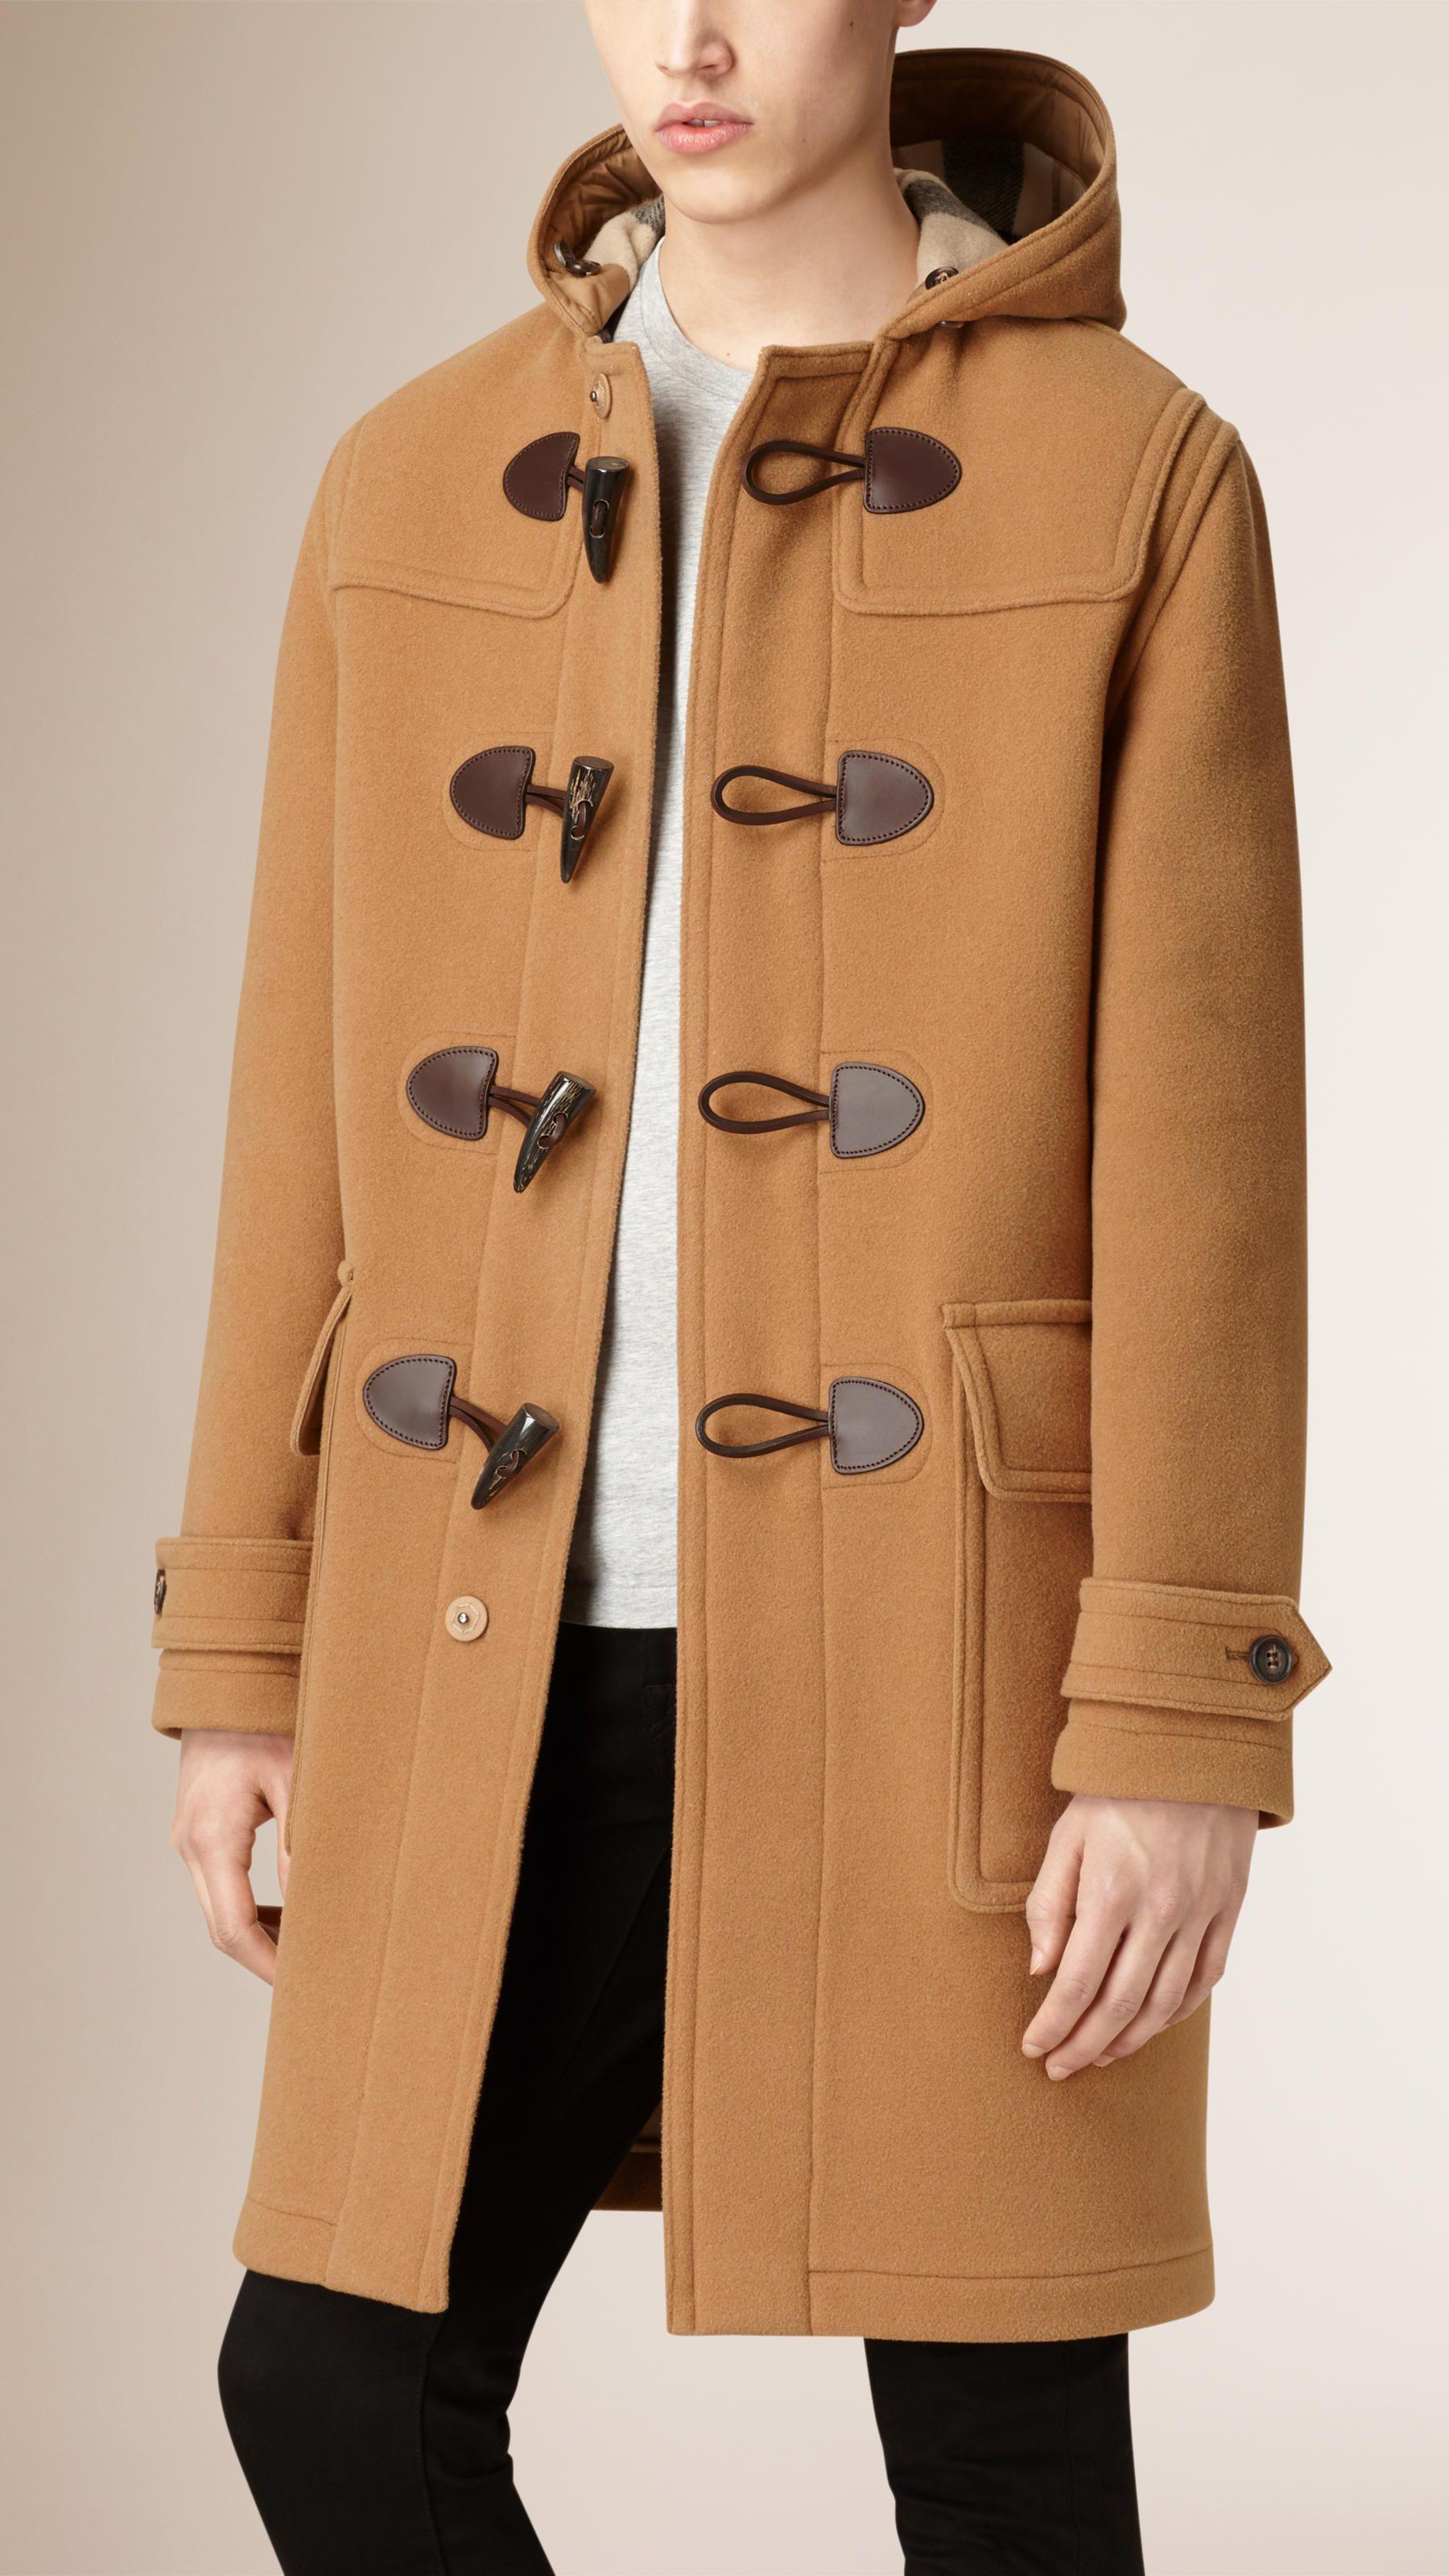 a3d7b14b1b60 Manteaux pour homme   Burberry   Men Jackets   Coat, Duffle coat ...